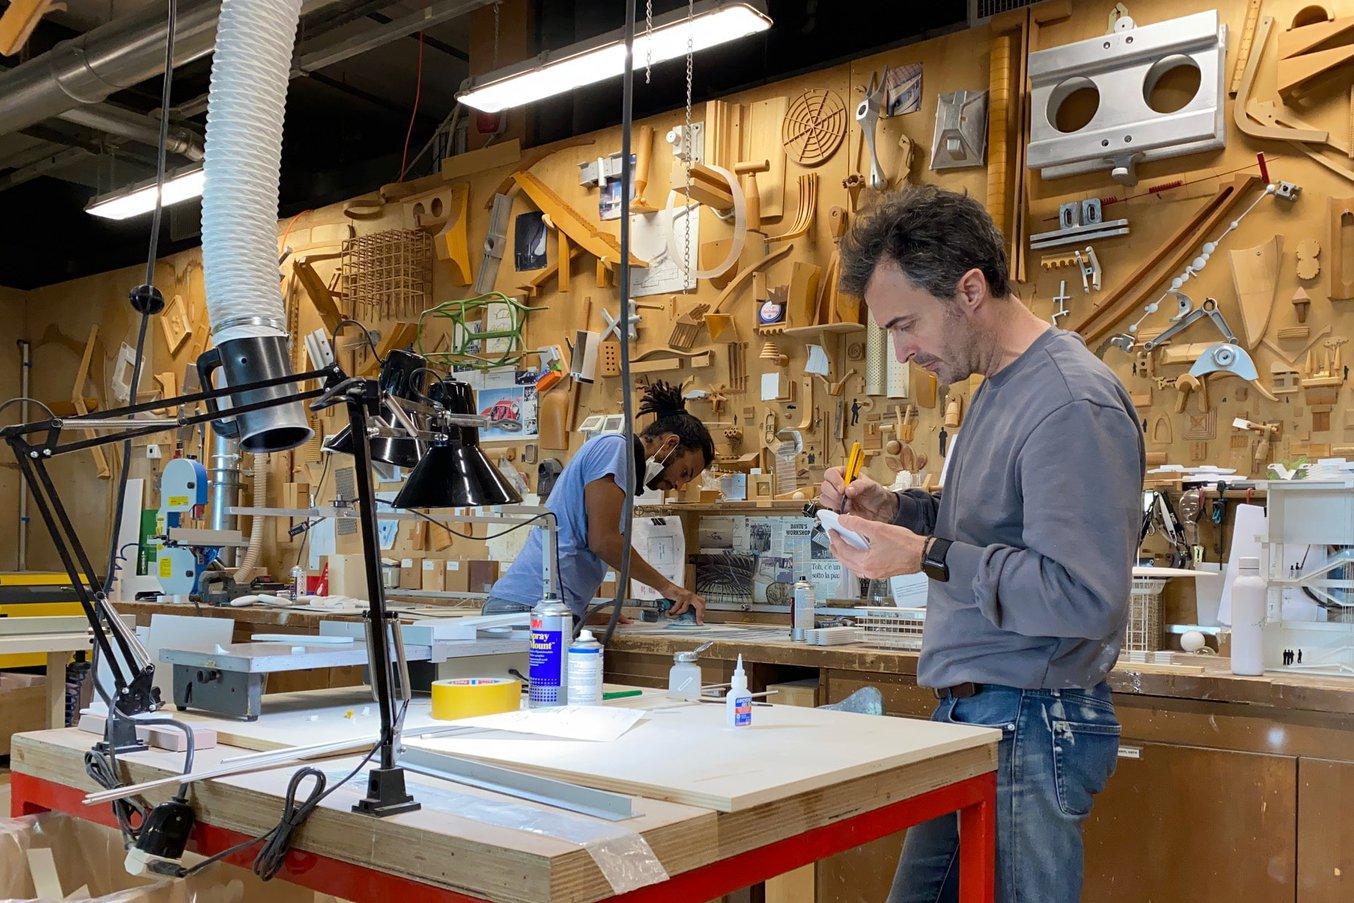 Francesco Terranova et Dimitri Lange, concepteurs de maquettes chez RPBW. Pour chaque projet, ils fabriquent des centaines de maquettes à grande et petite échelle pour tester les différentes propositions.